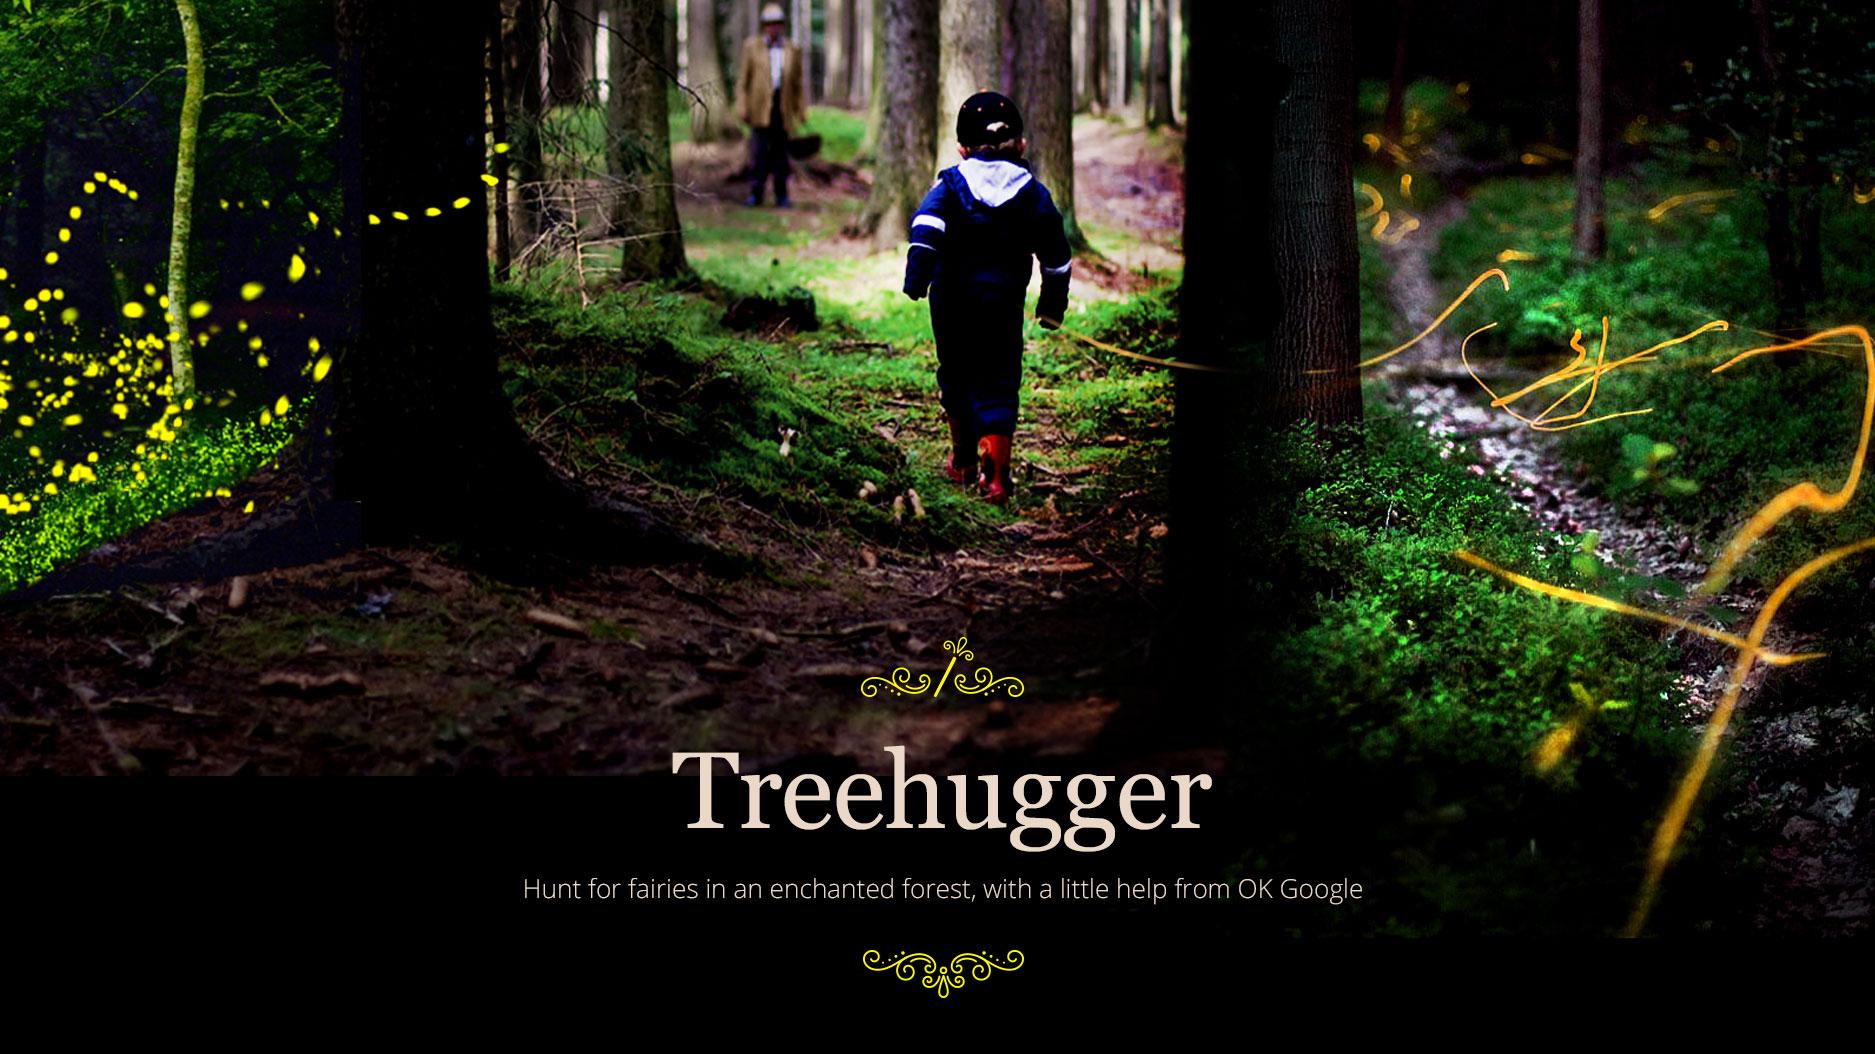 Treehugger_Poster_16_9.jpg